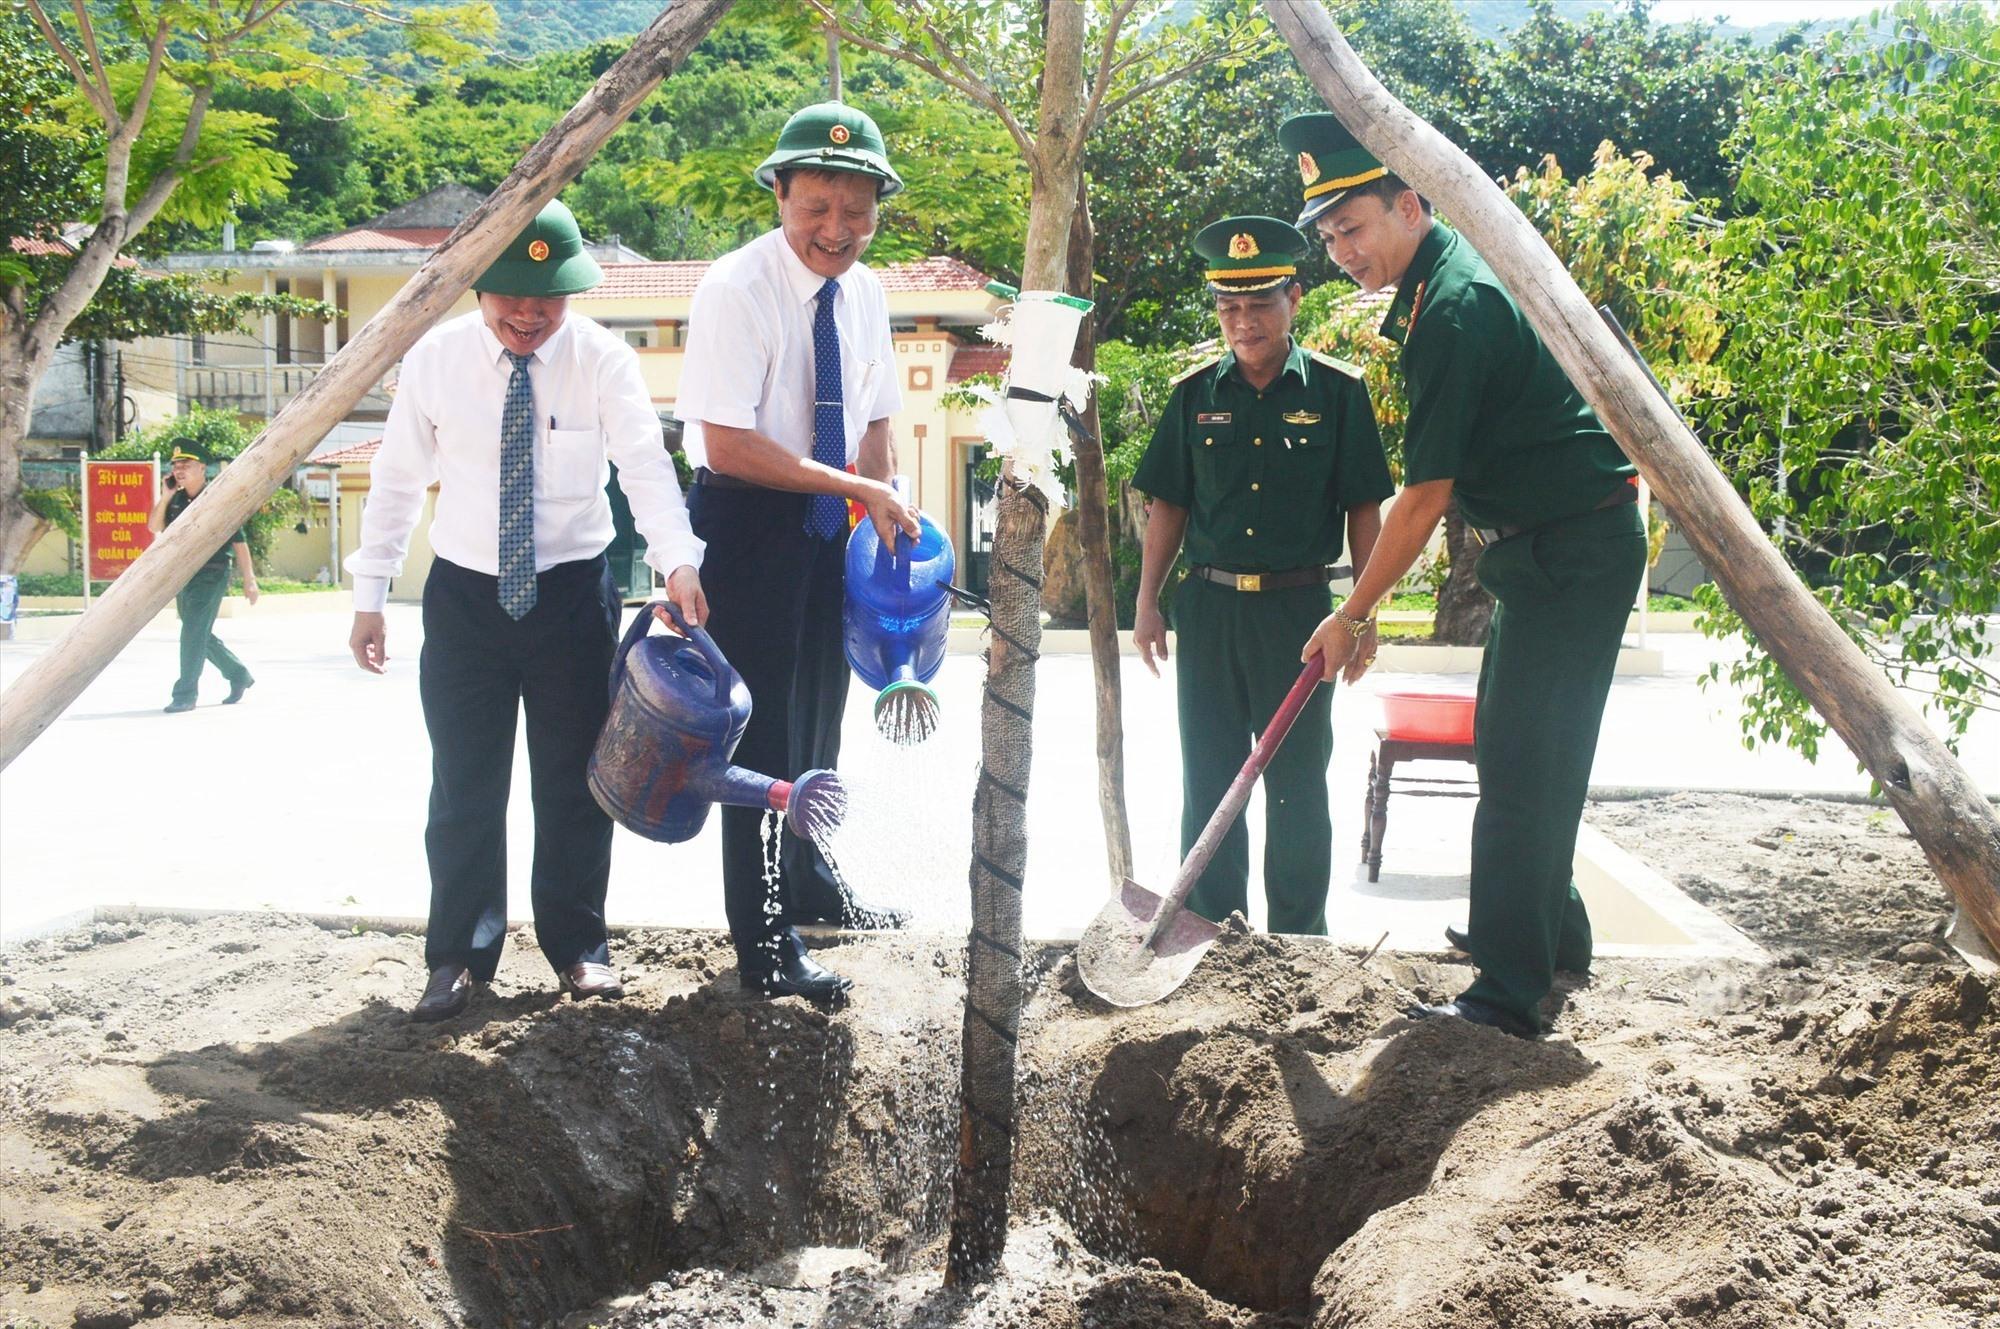 Đại biểu trồng cây lưu niệm trong khuôn viên công trình. Ảnh: Q.T